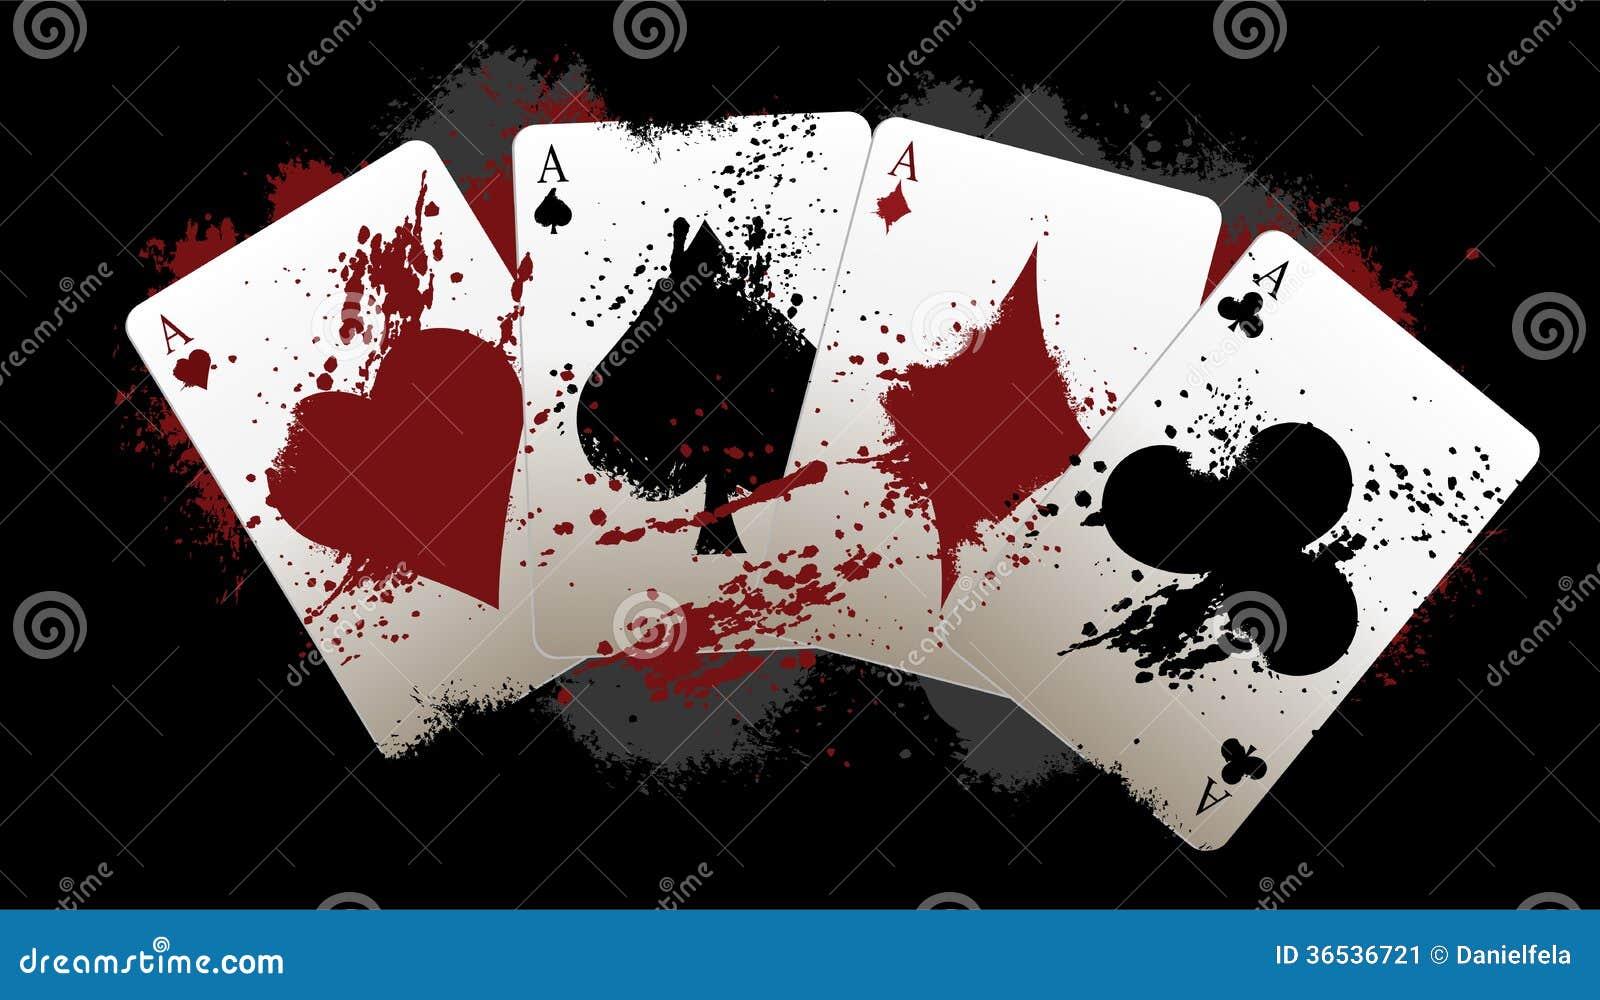 Poker for mobile phones